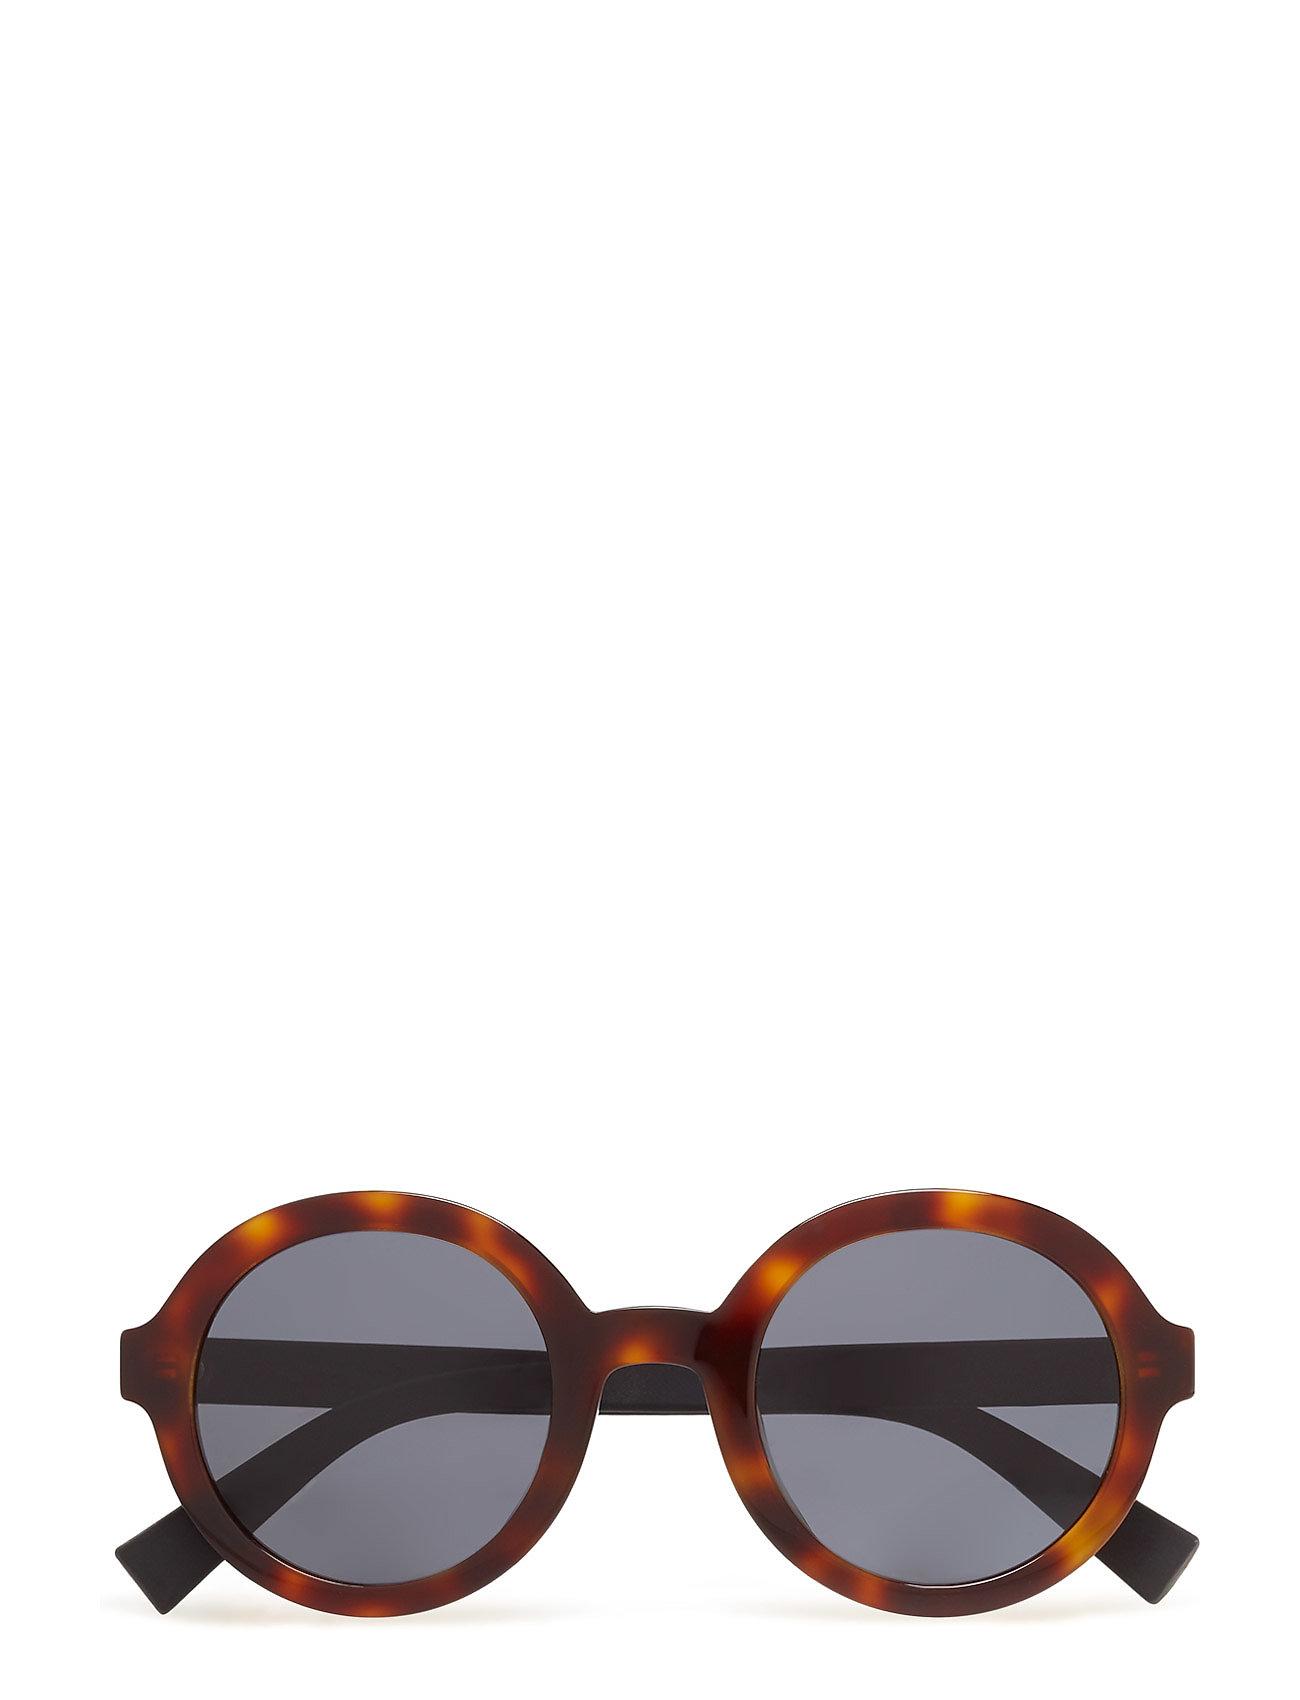 Mm Tailored Iii MAXMARA Sunglasses Solbriller til Damer i Brun